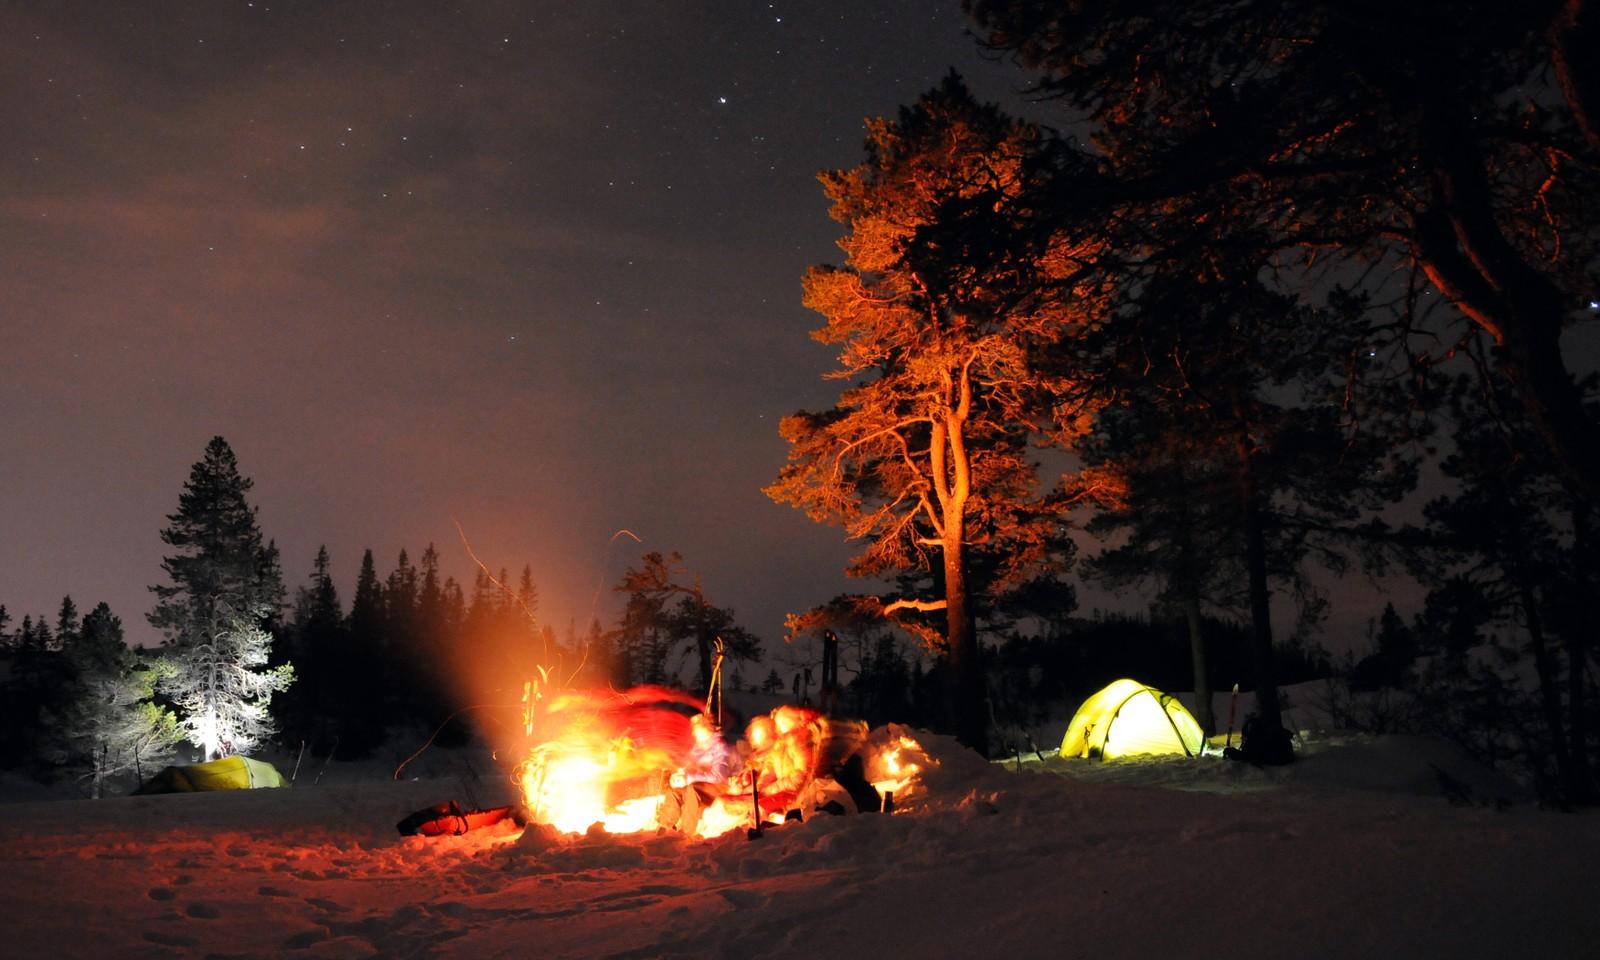 Vinternatt ved Kvistingen i Bymarka, Trondheim